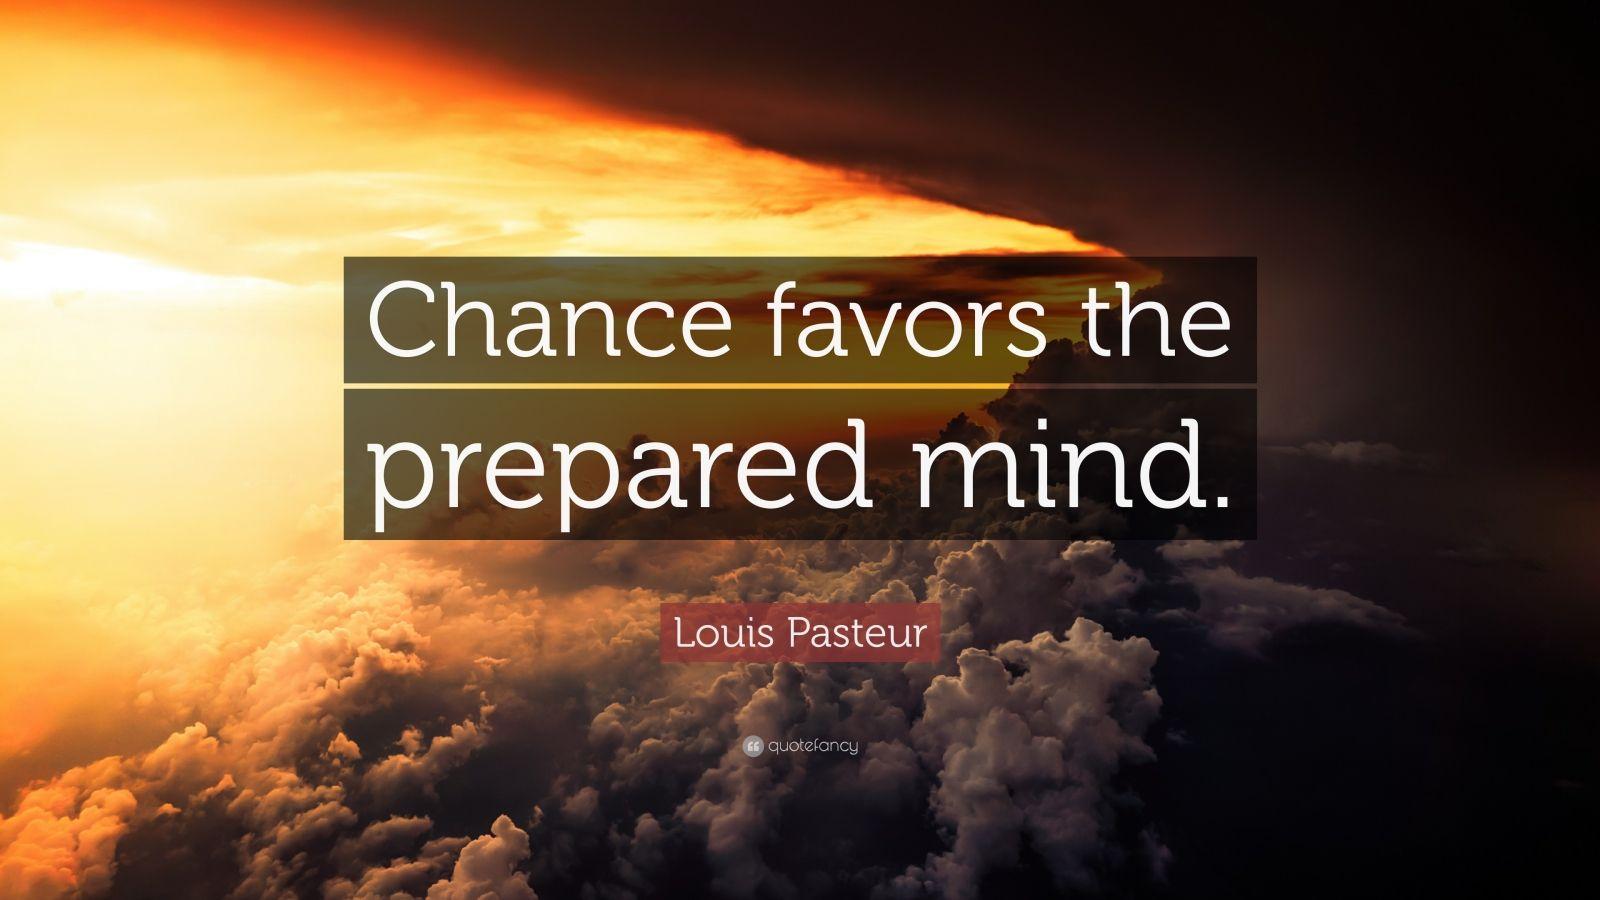 Steve Jobs Motivational Quotes Wallpaper Louis Pasteur Quote Chance Favors The Prepared Mind